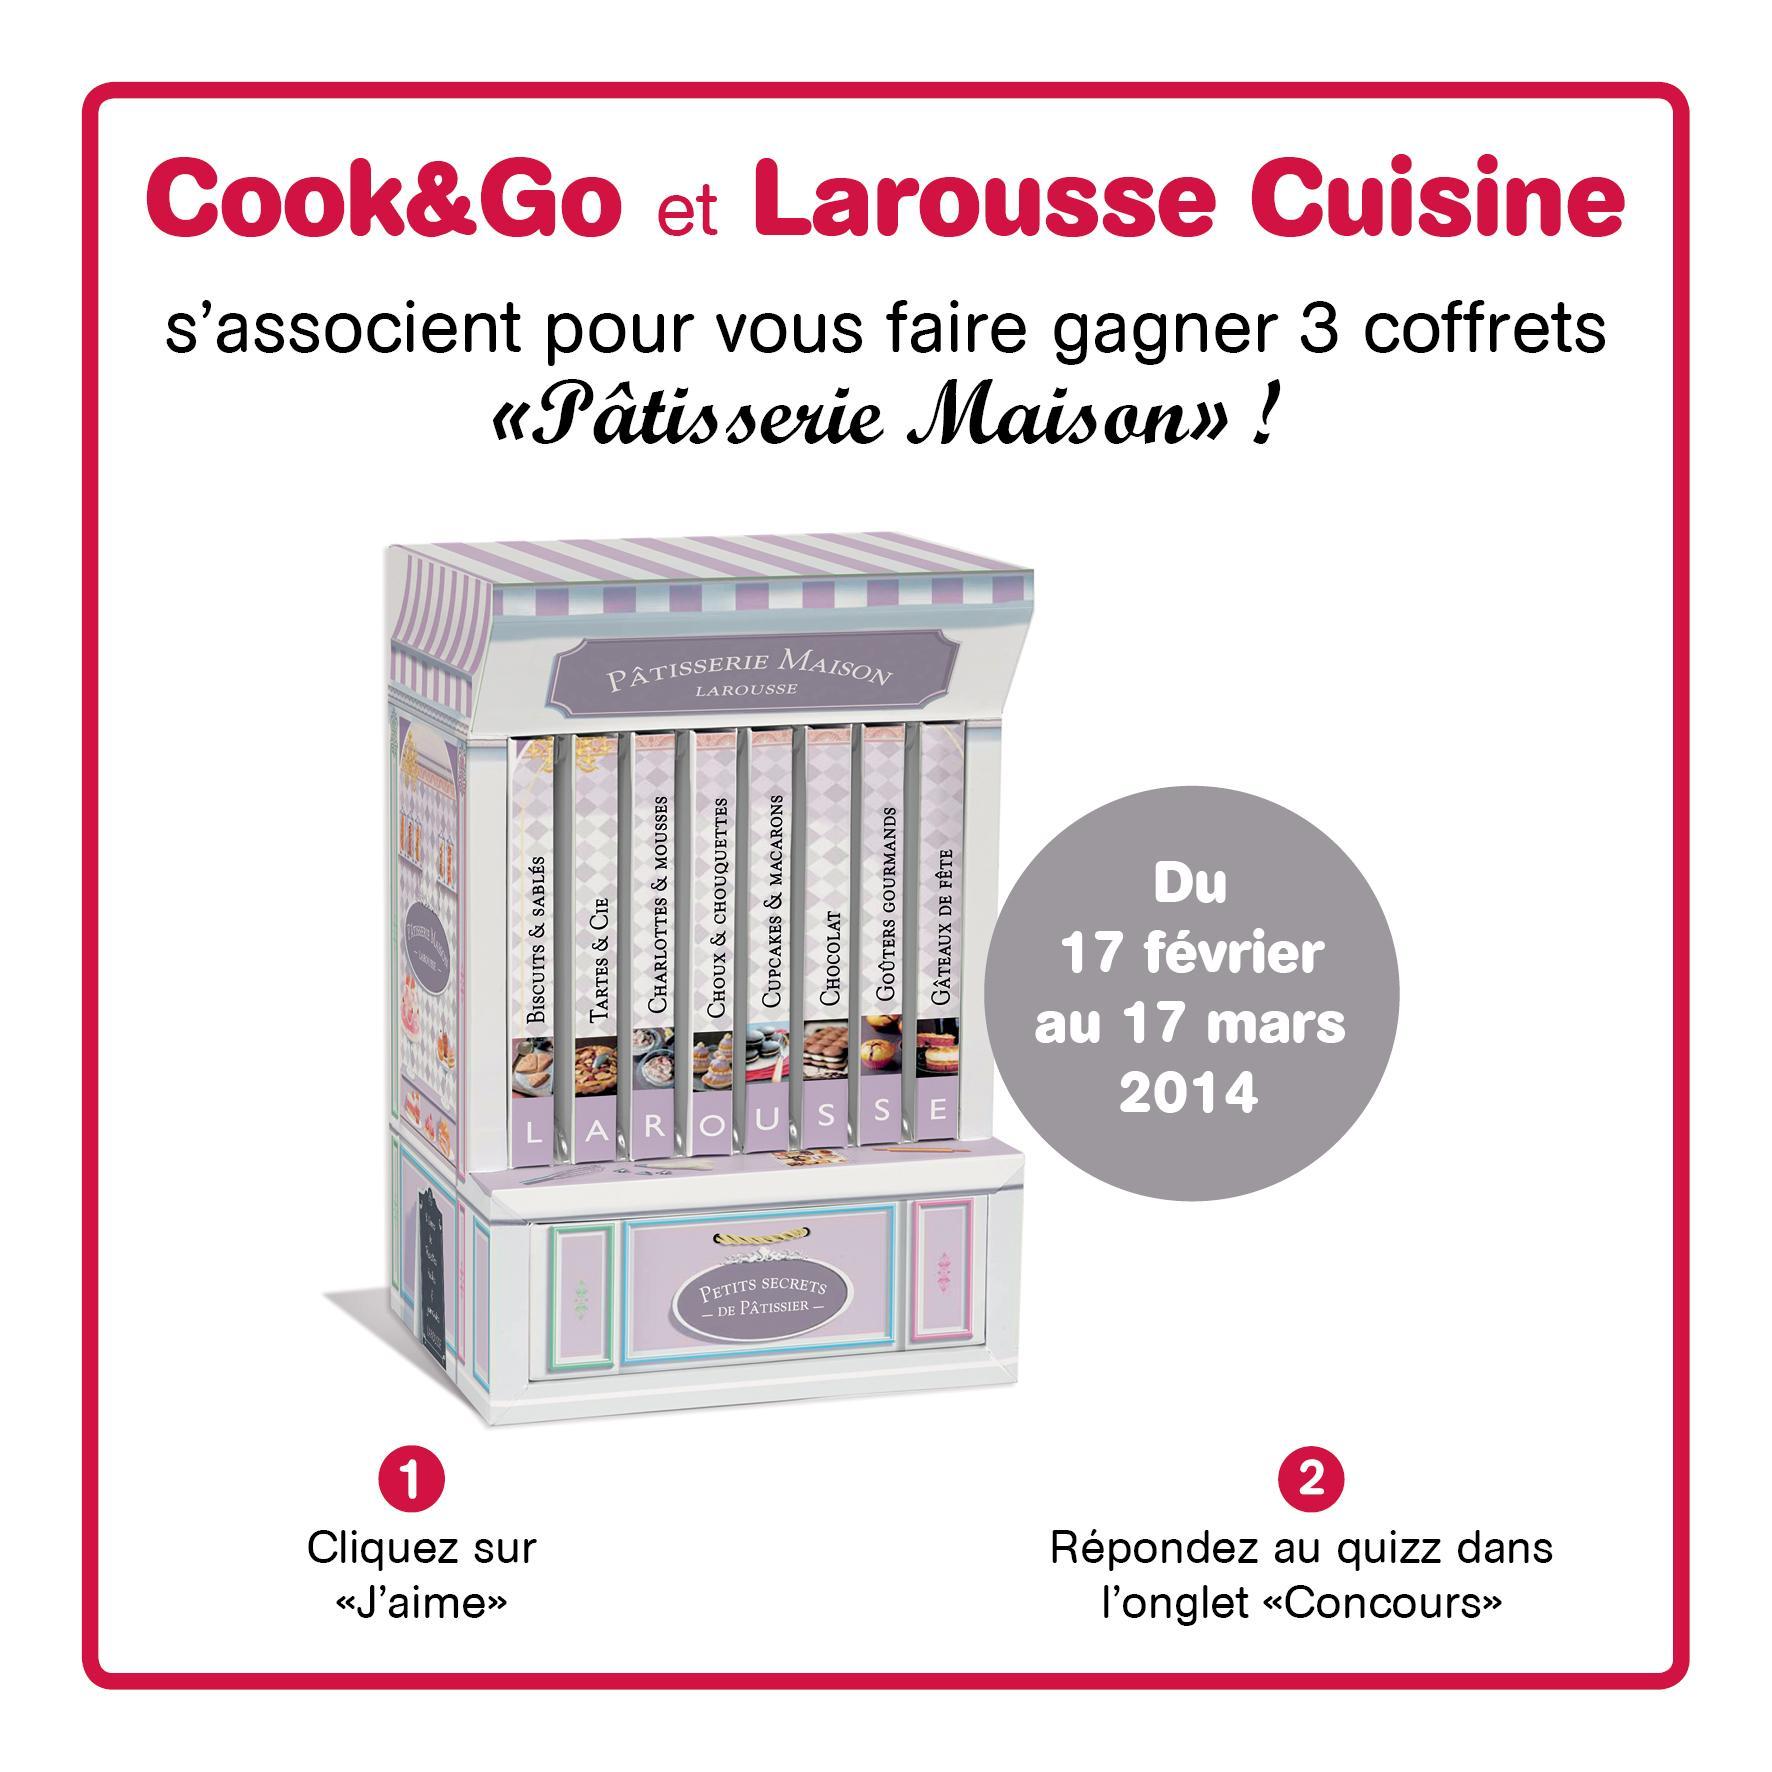 Tentez de remporter un coffret 'Pâtisserie Maison' avec Cook&Go et Larousse Cuisine